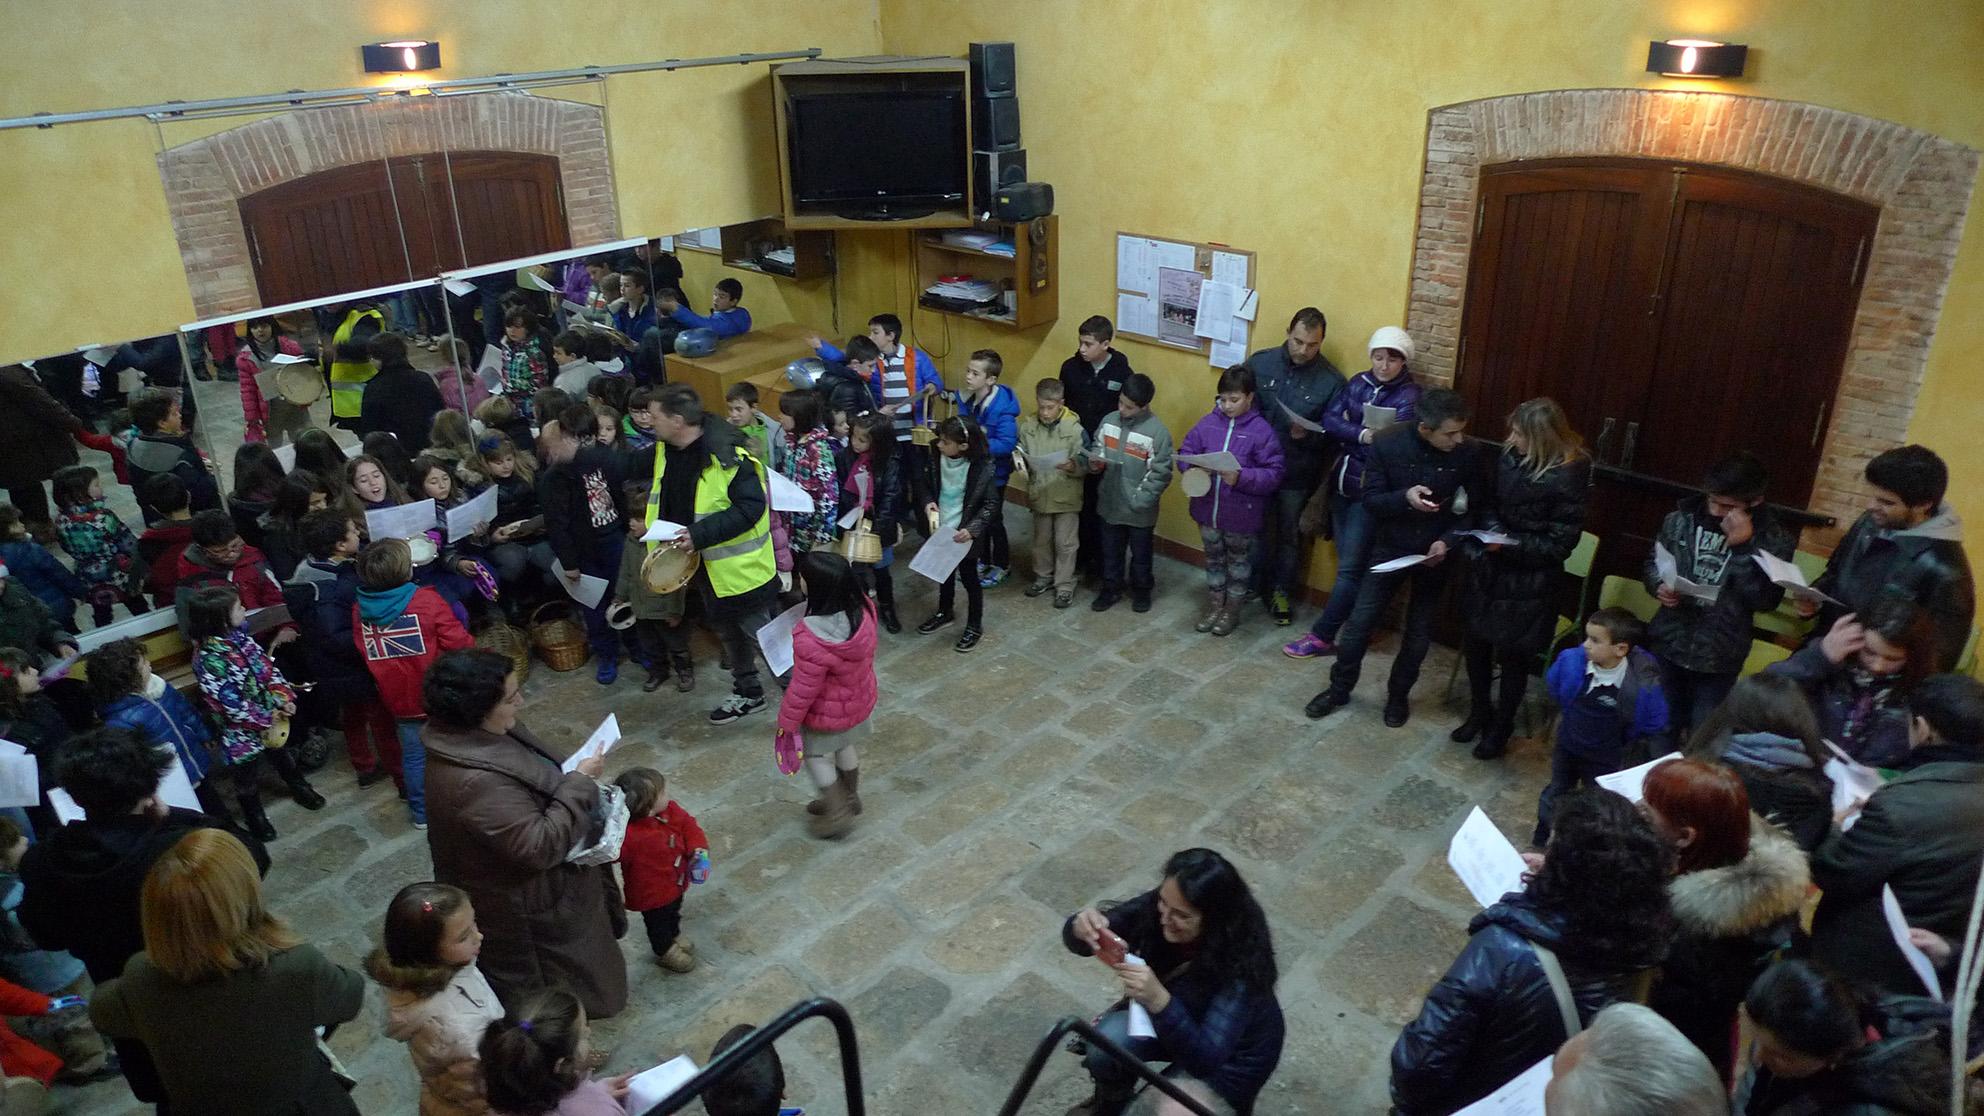 2014-12-24 Menuts de Baladre -AsguilandoMuro (6)